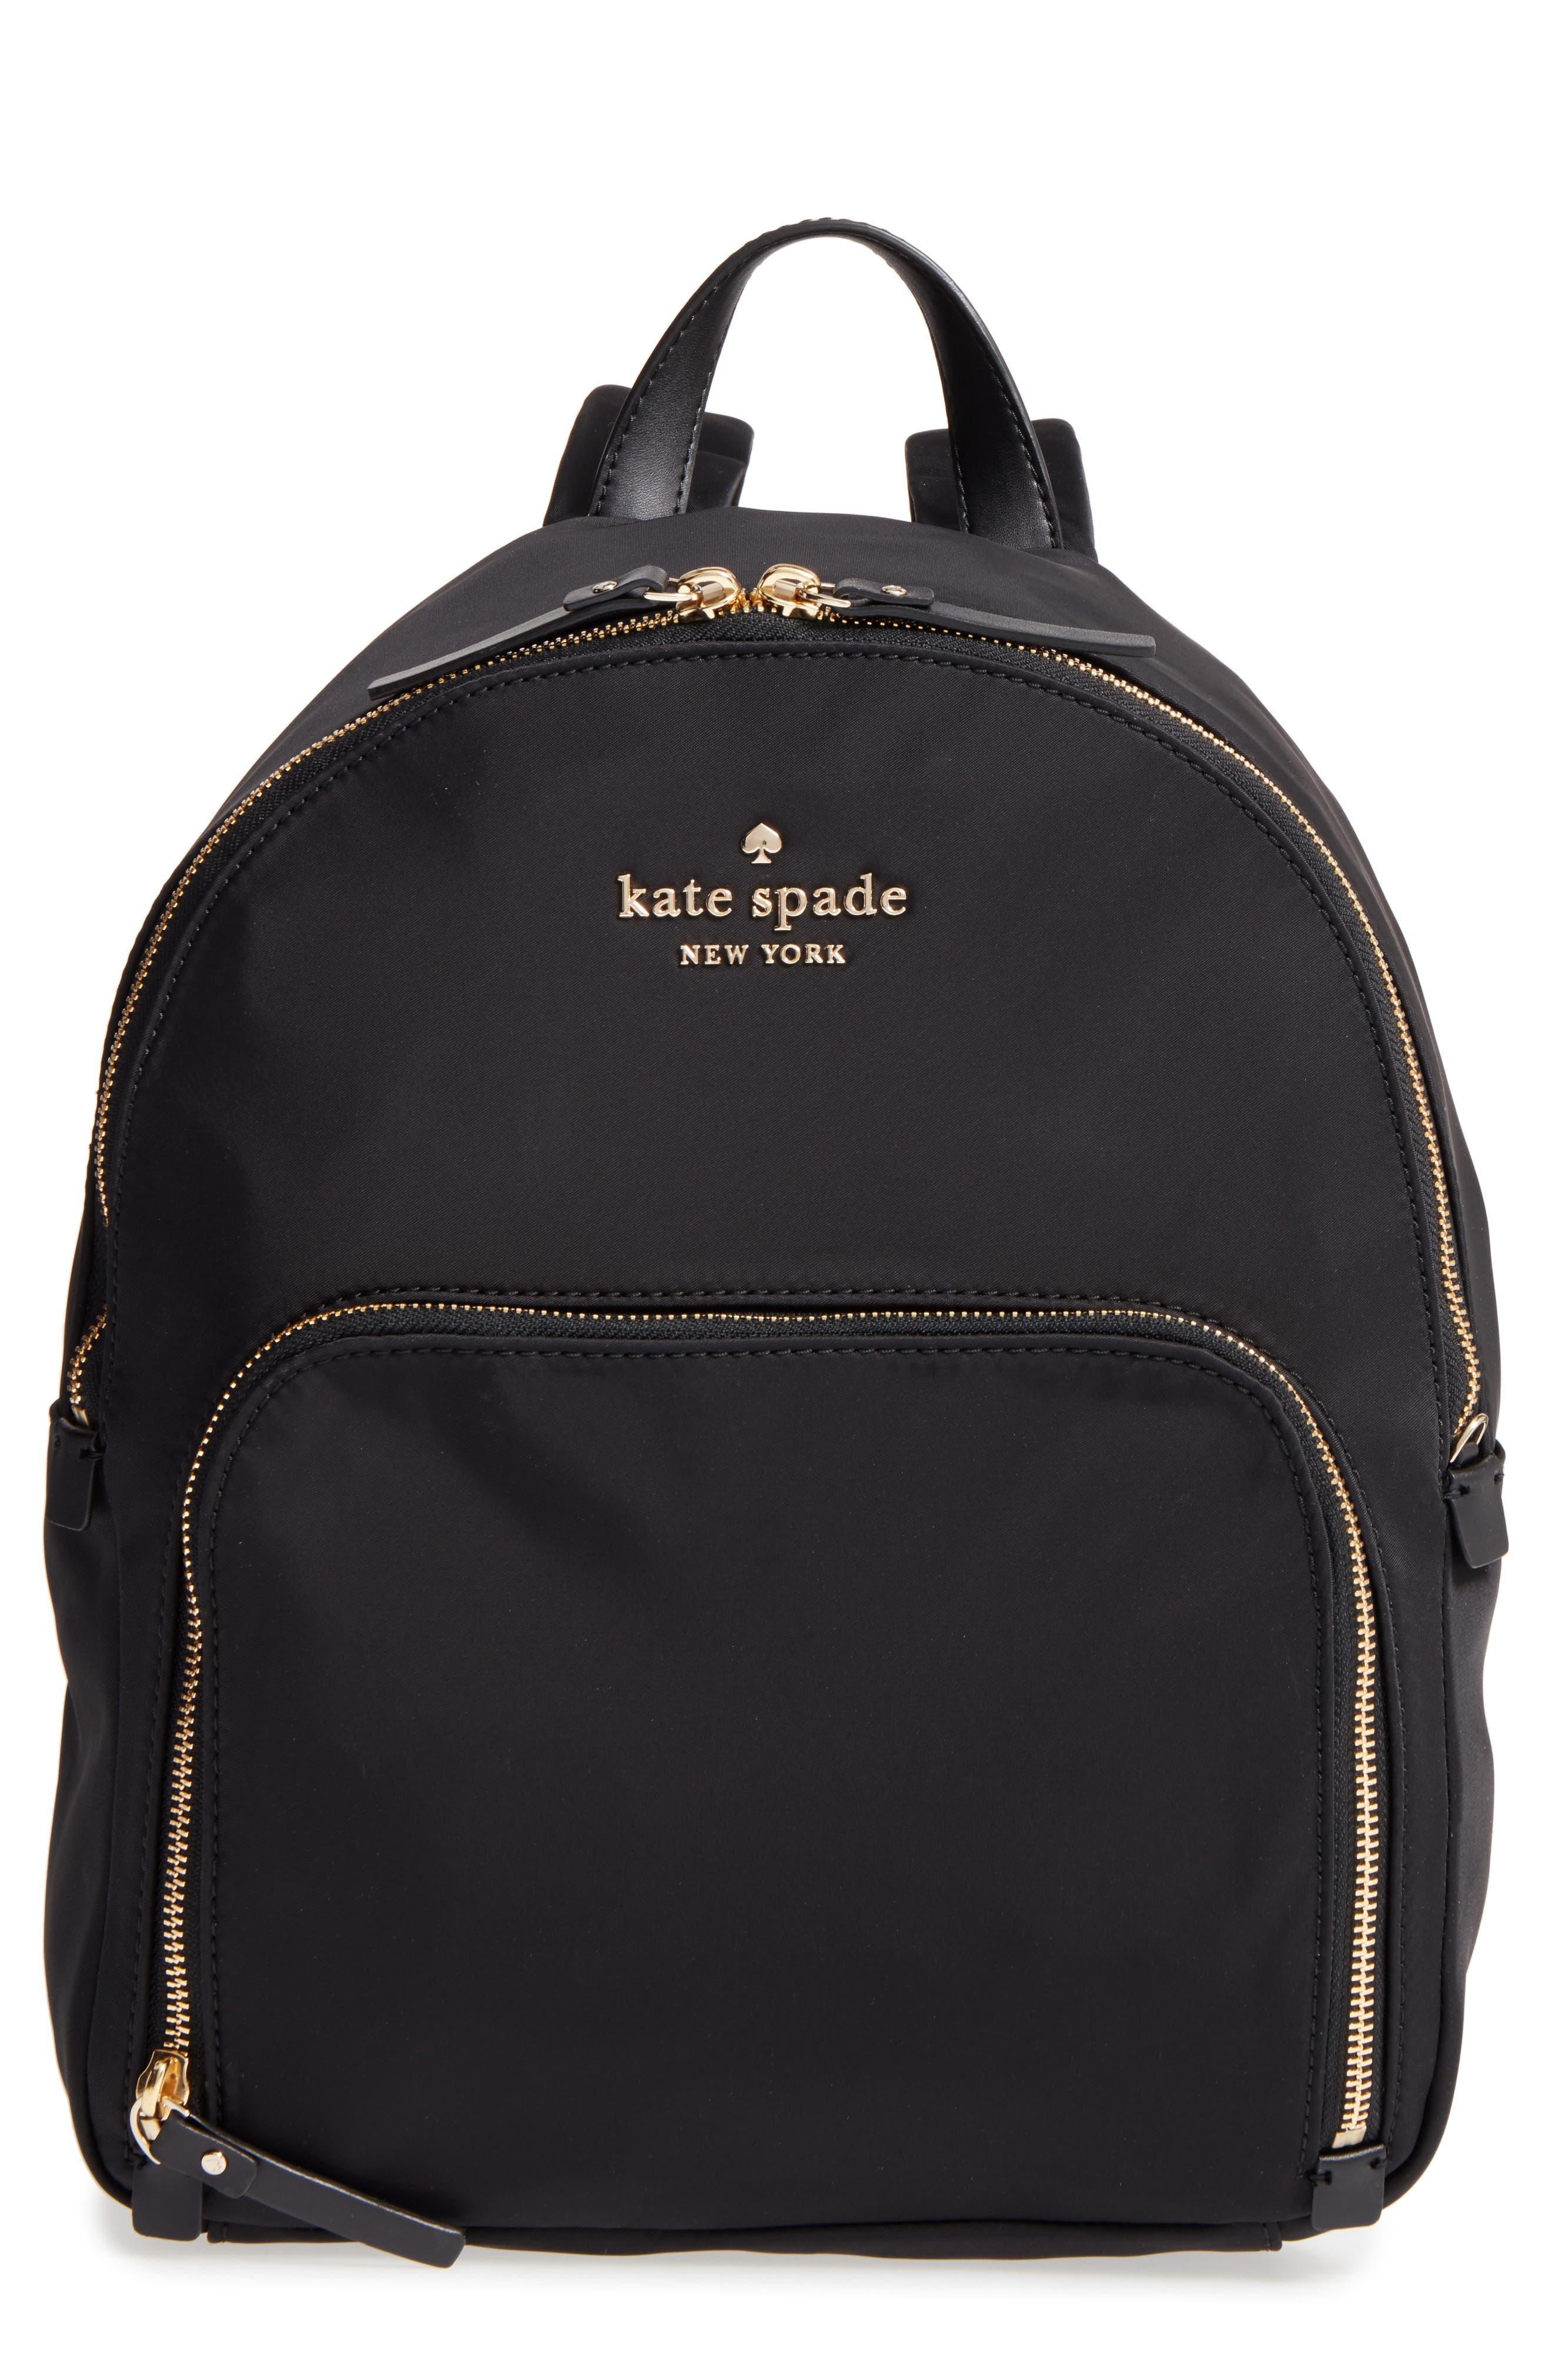 watson lane - hartley nylon backpack,                         Main,                         color, BLACK